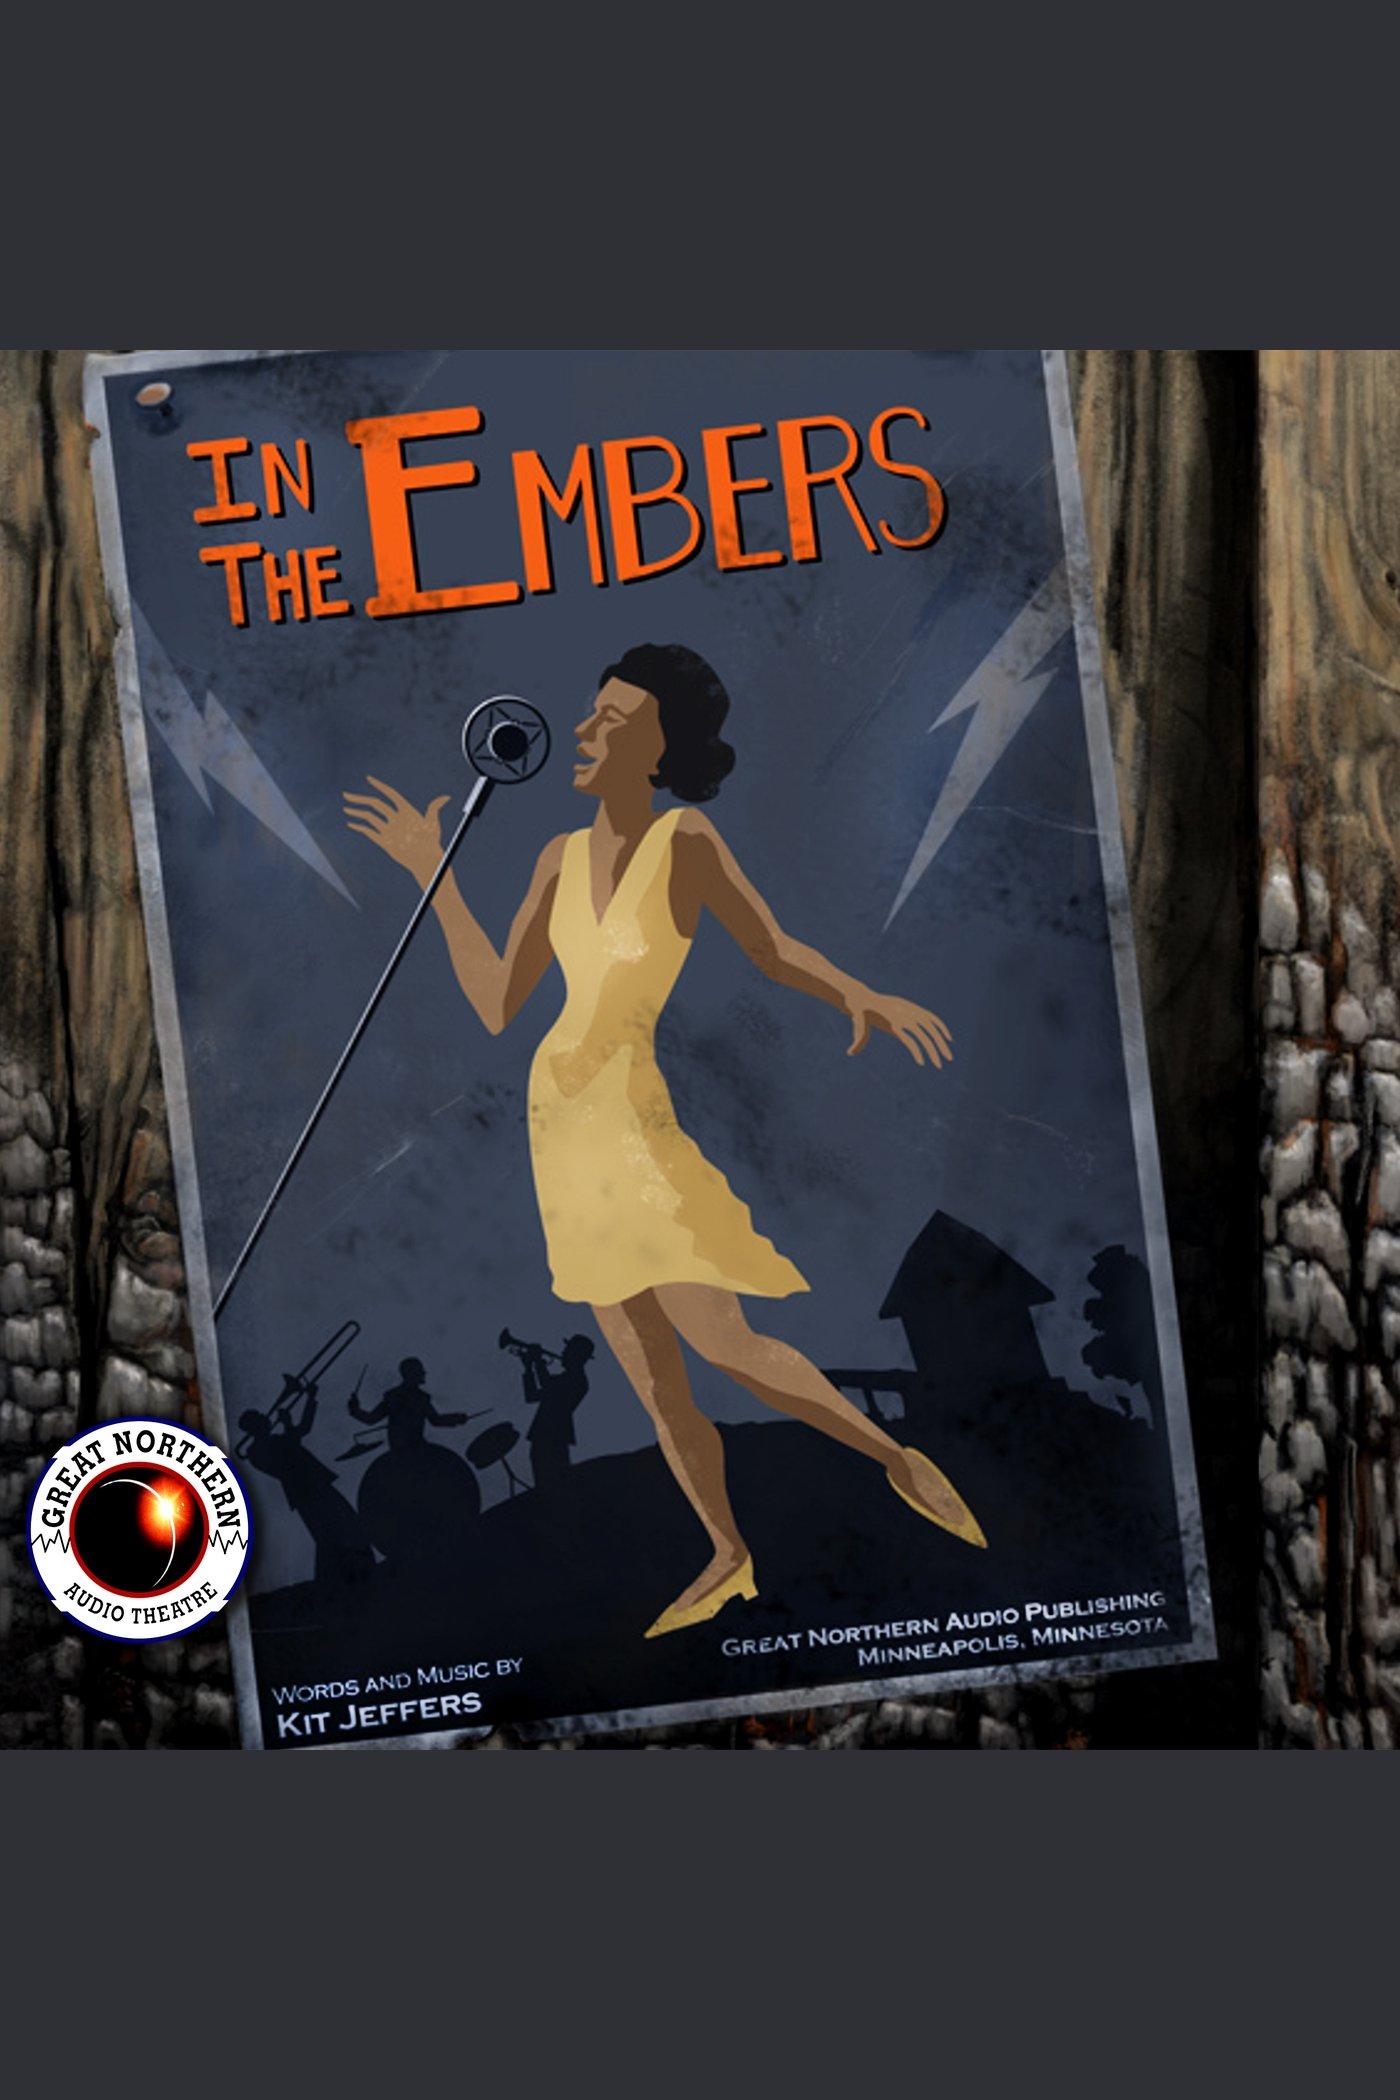 In the embers [AudioEbook]